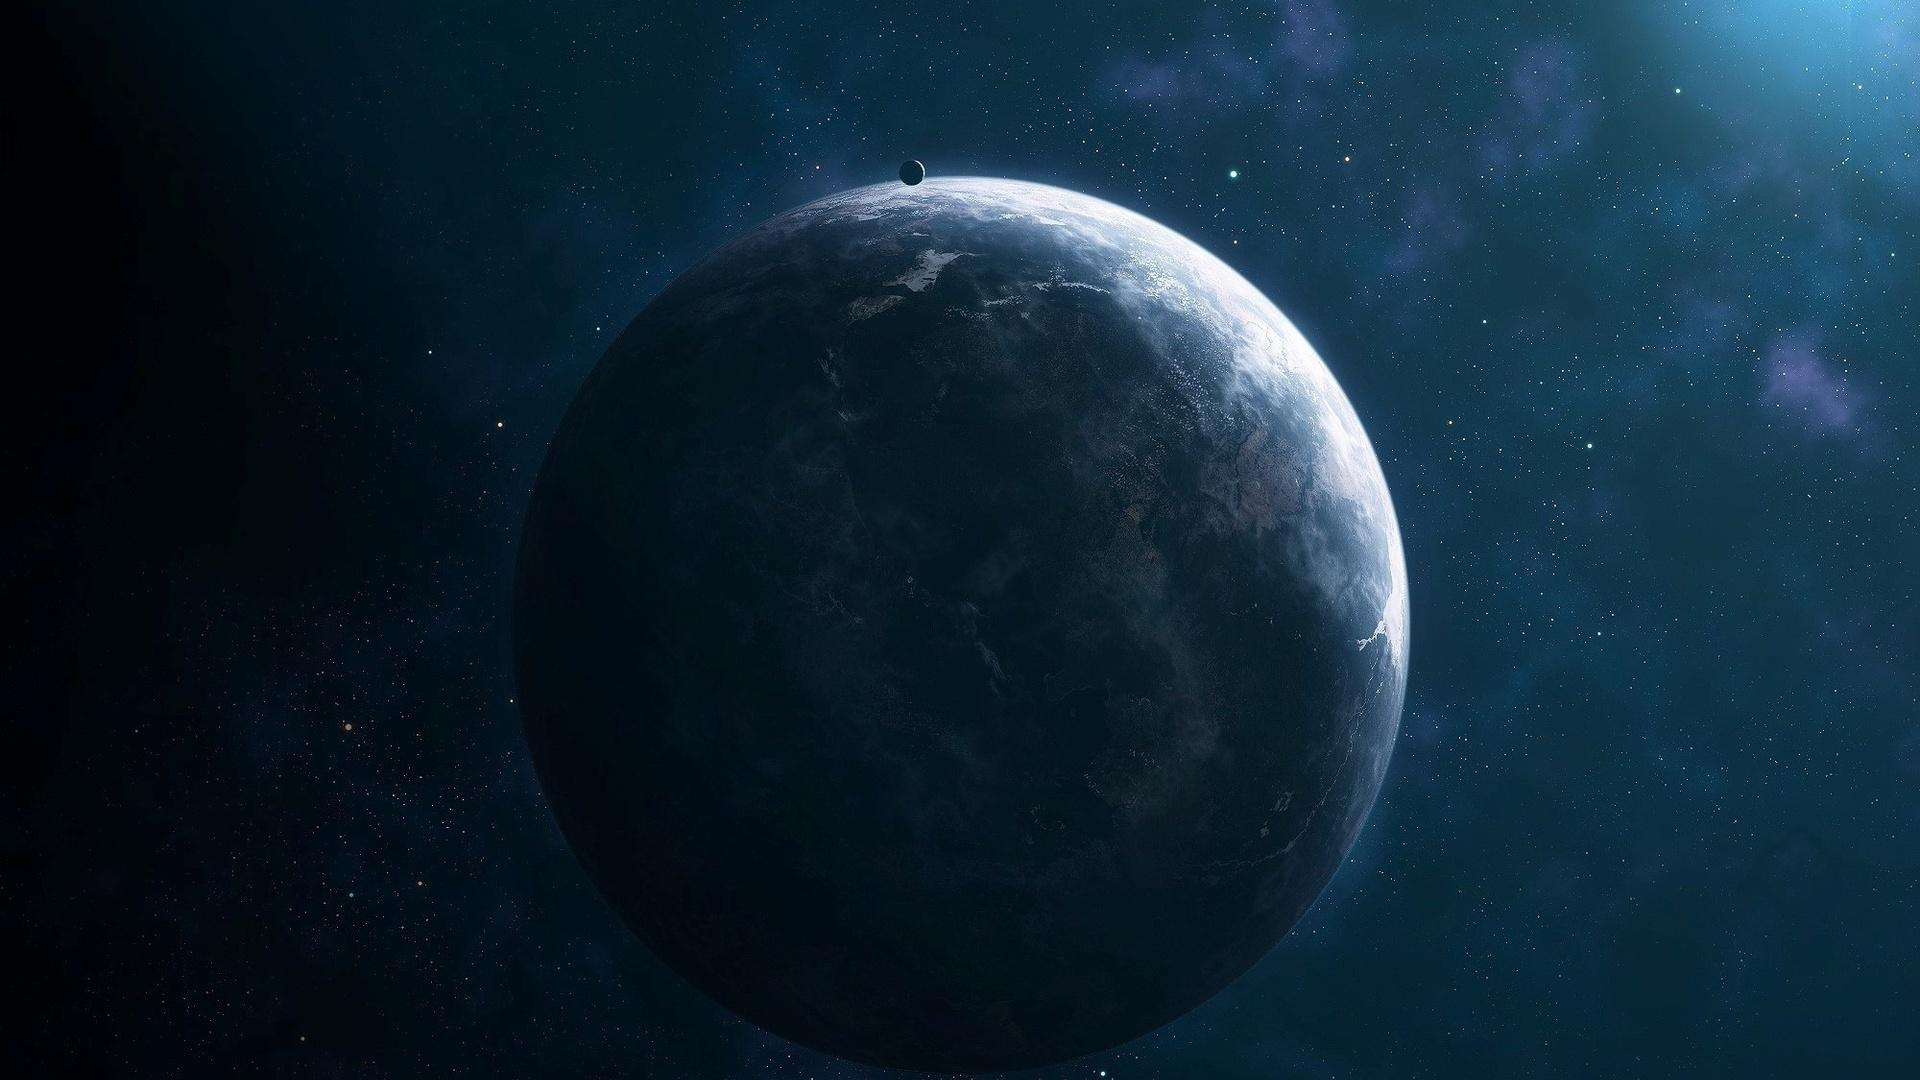 свет, сияние, спутник, звёзды, Планета, комос